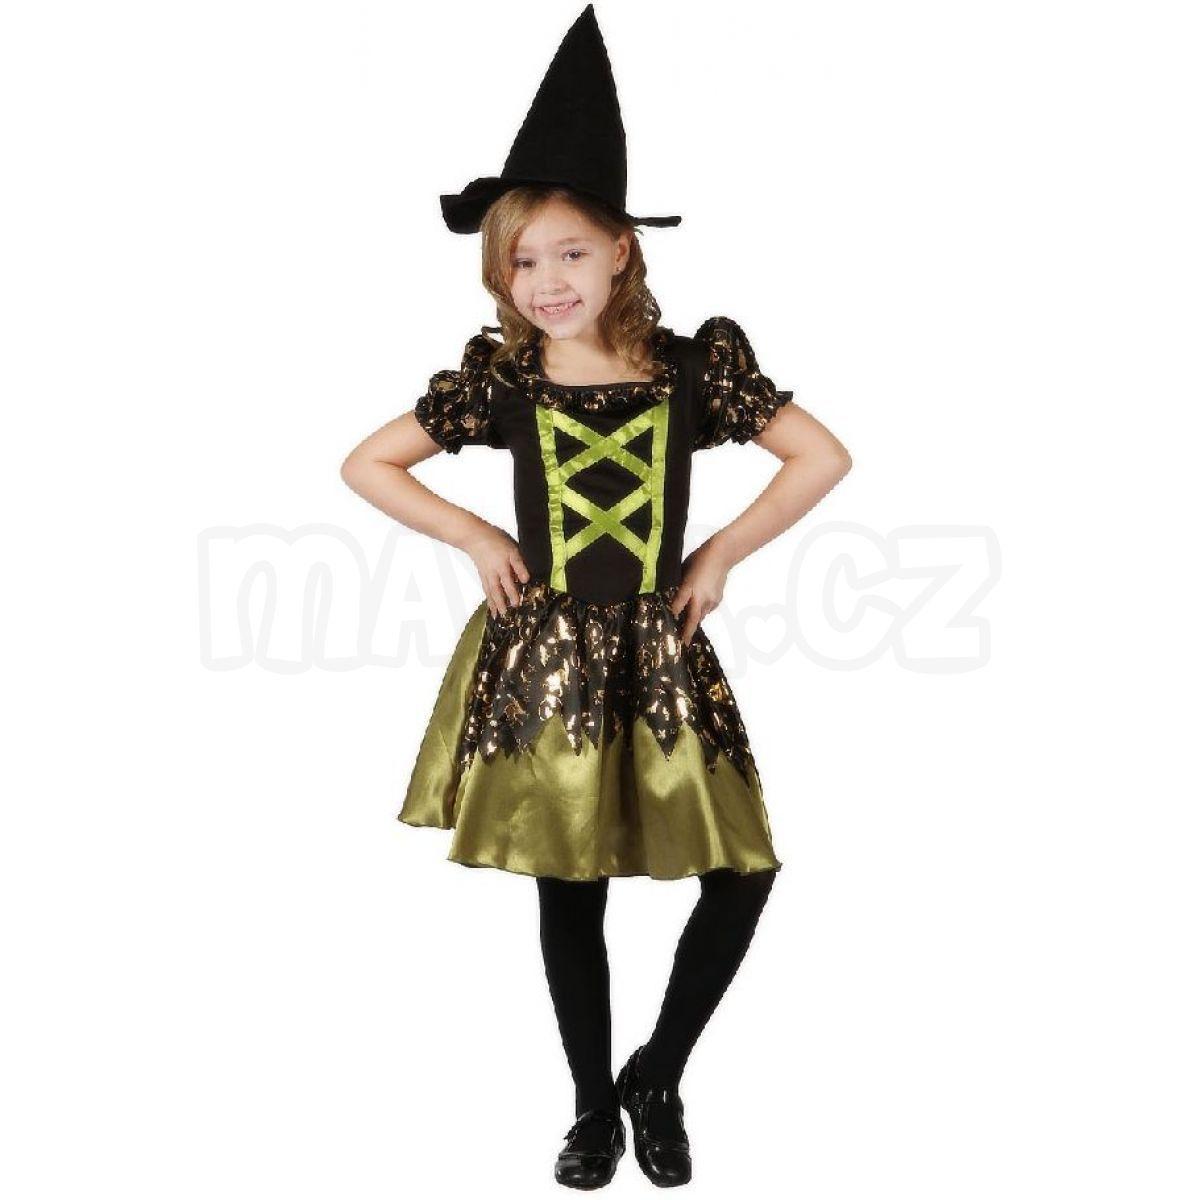 59056ea091f9 Made Dětský kostým Čarodějka zelená 120-130 cm